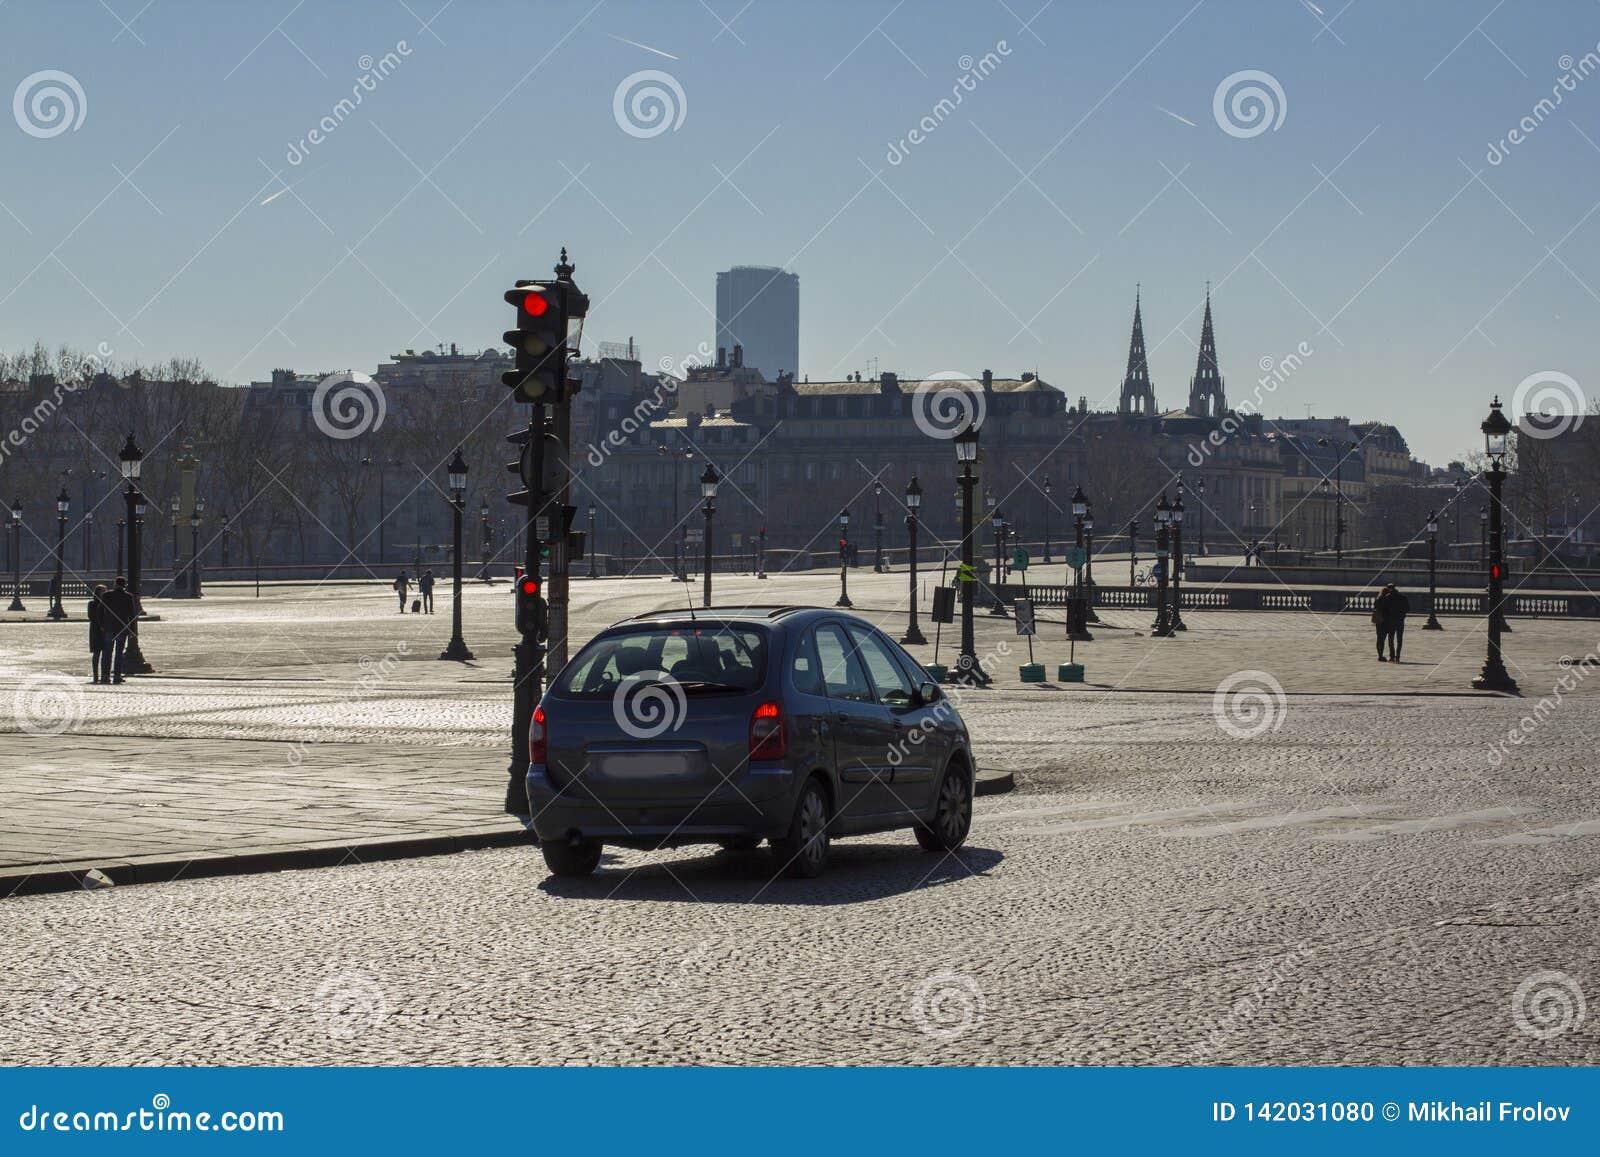 Αυτοκίνητο σε ένα κενό τετράγωνο στο Παρίσι το απόγευμα